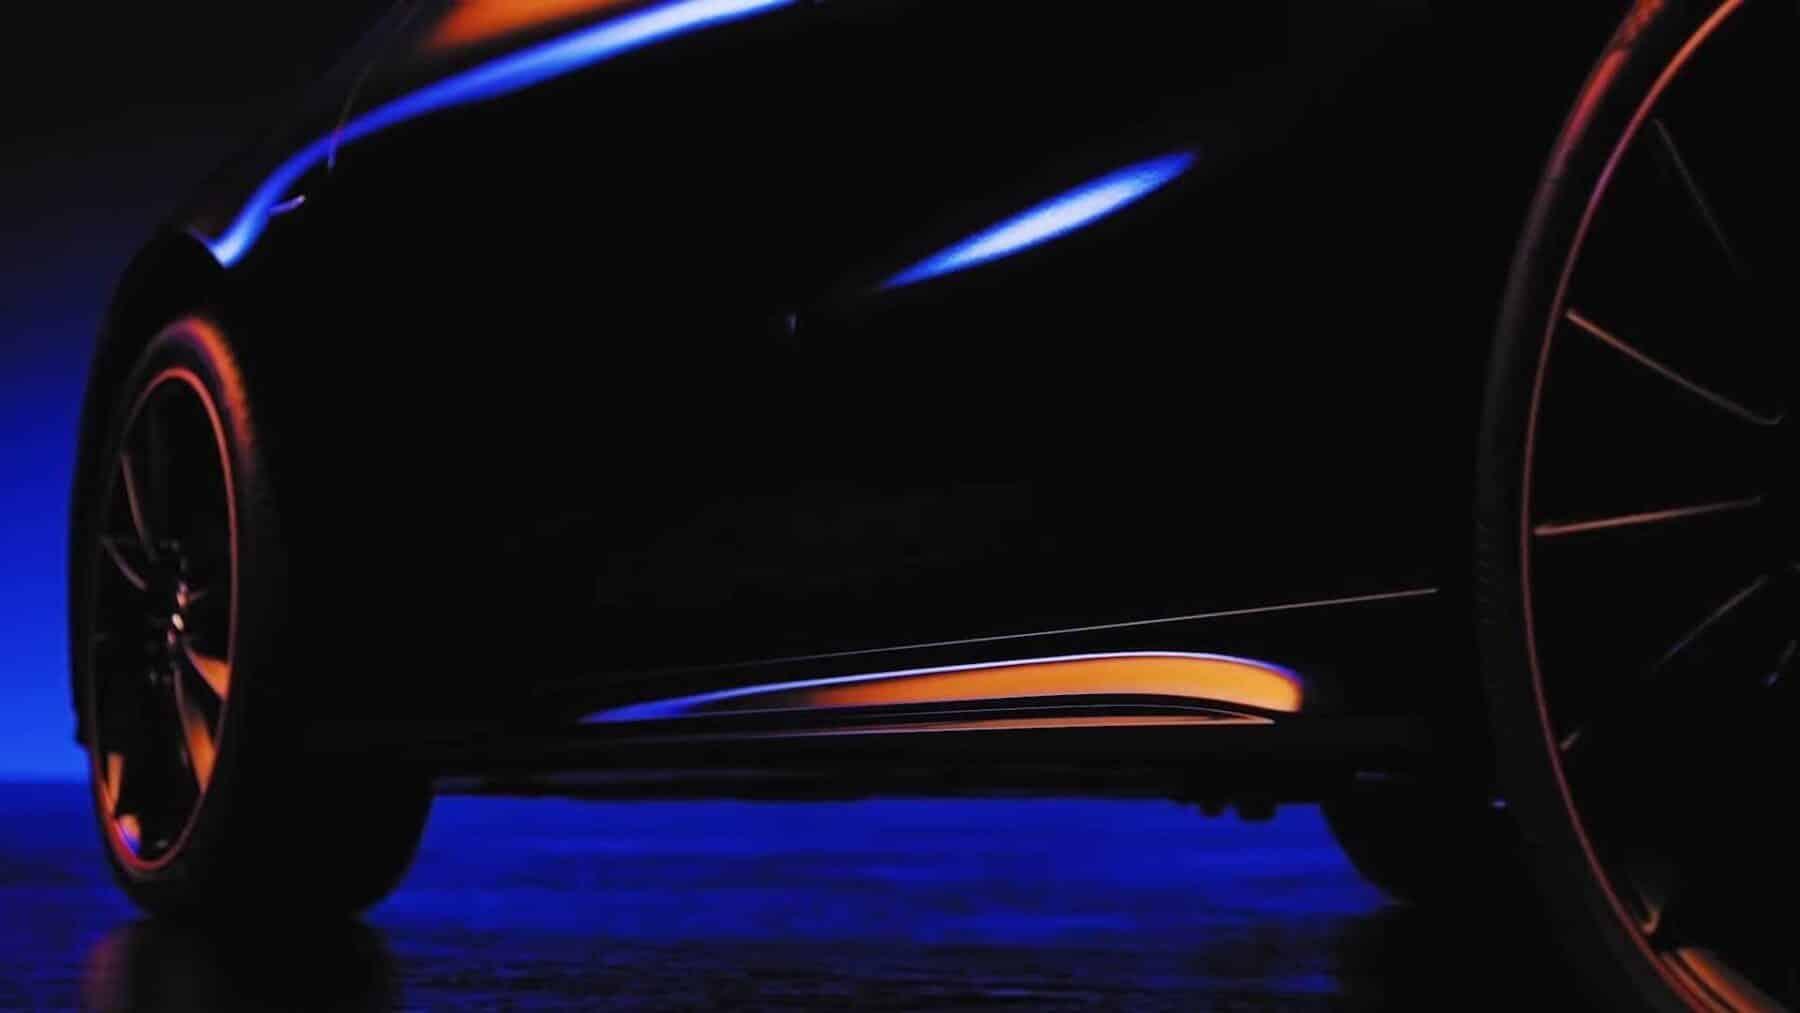 Mercedes-Benz debuta su nuevo CLA en CES 2019